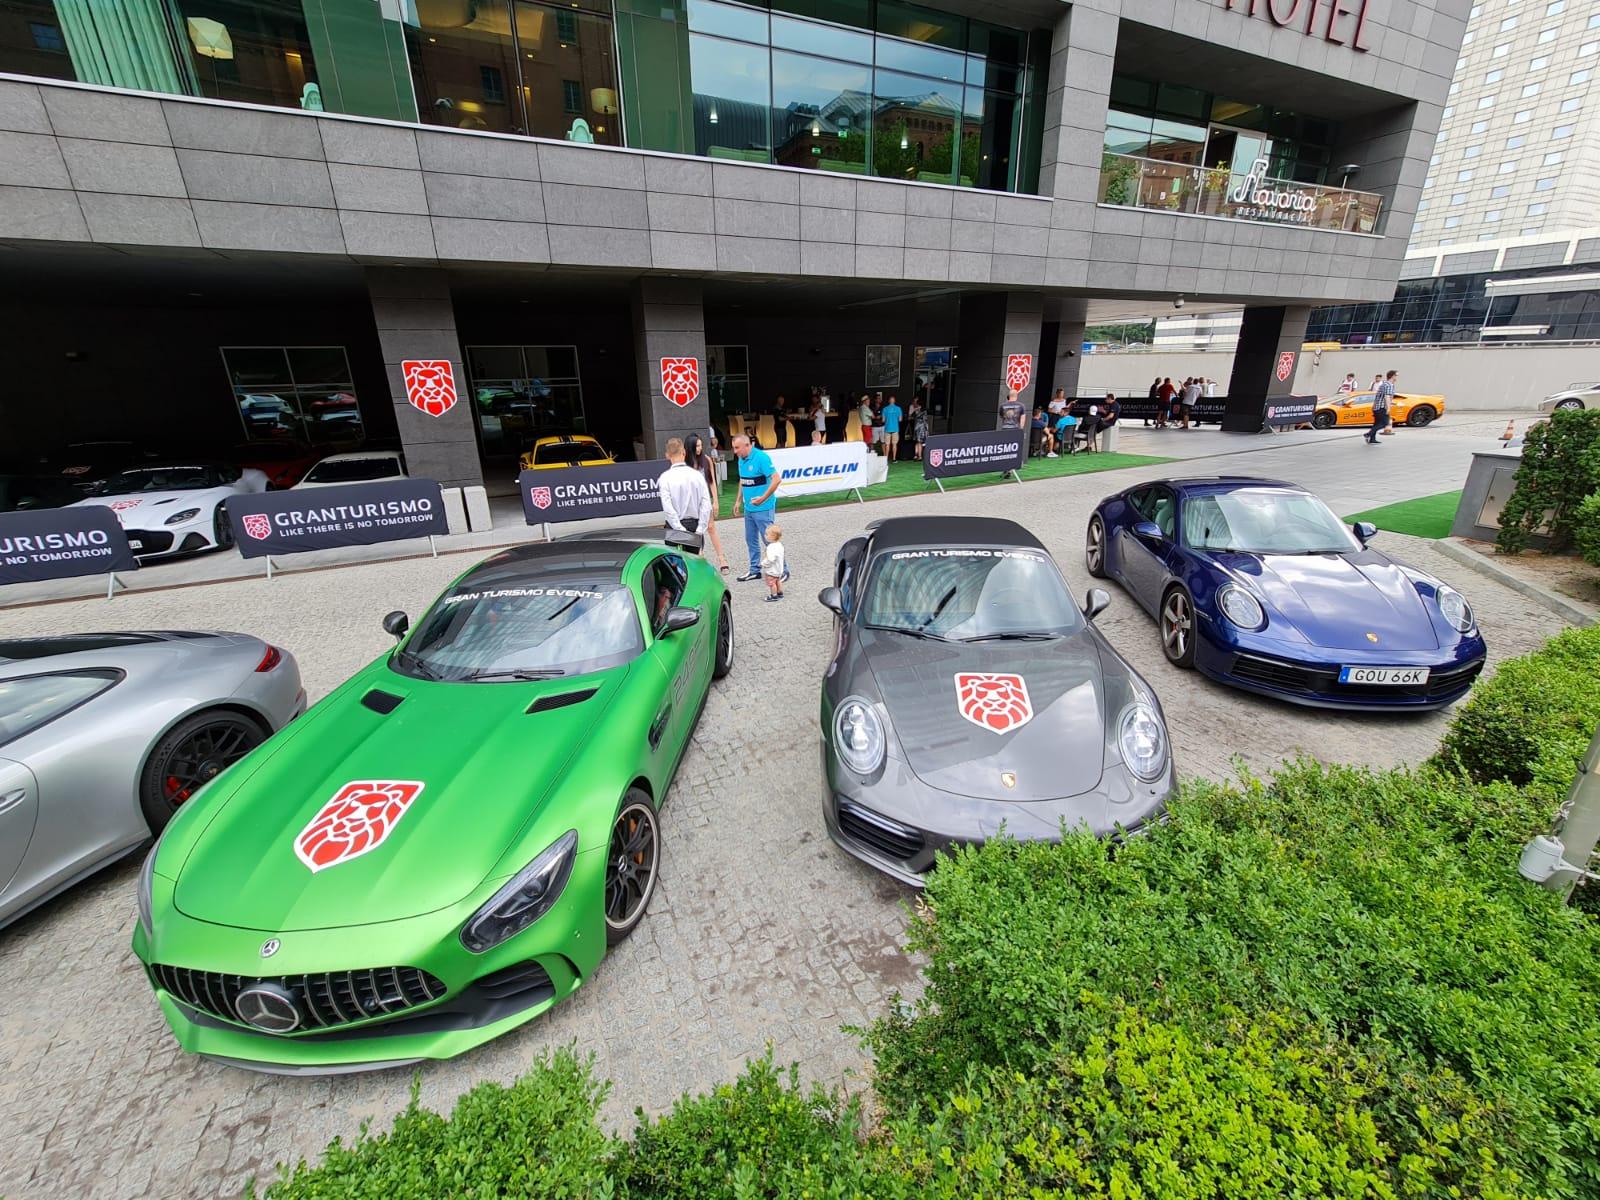 Wystartowała 17. edycja Gran Turismo Polonia. Piękne samochody przyjechały do Poznania